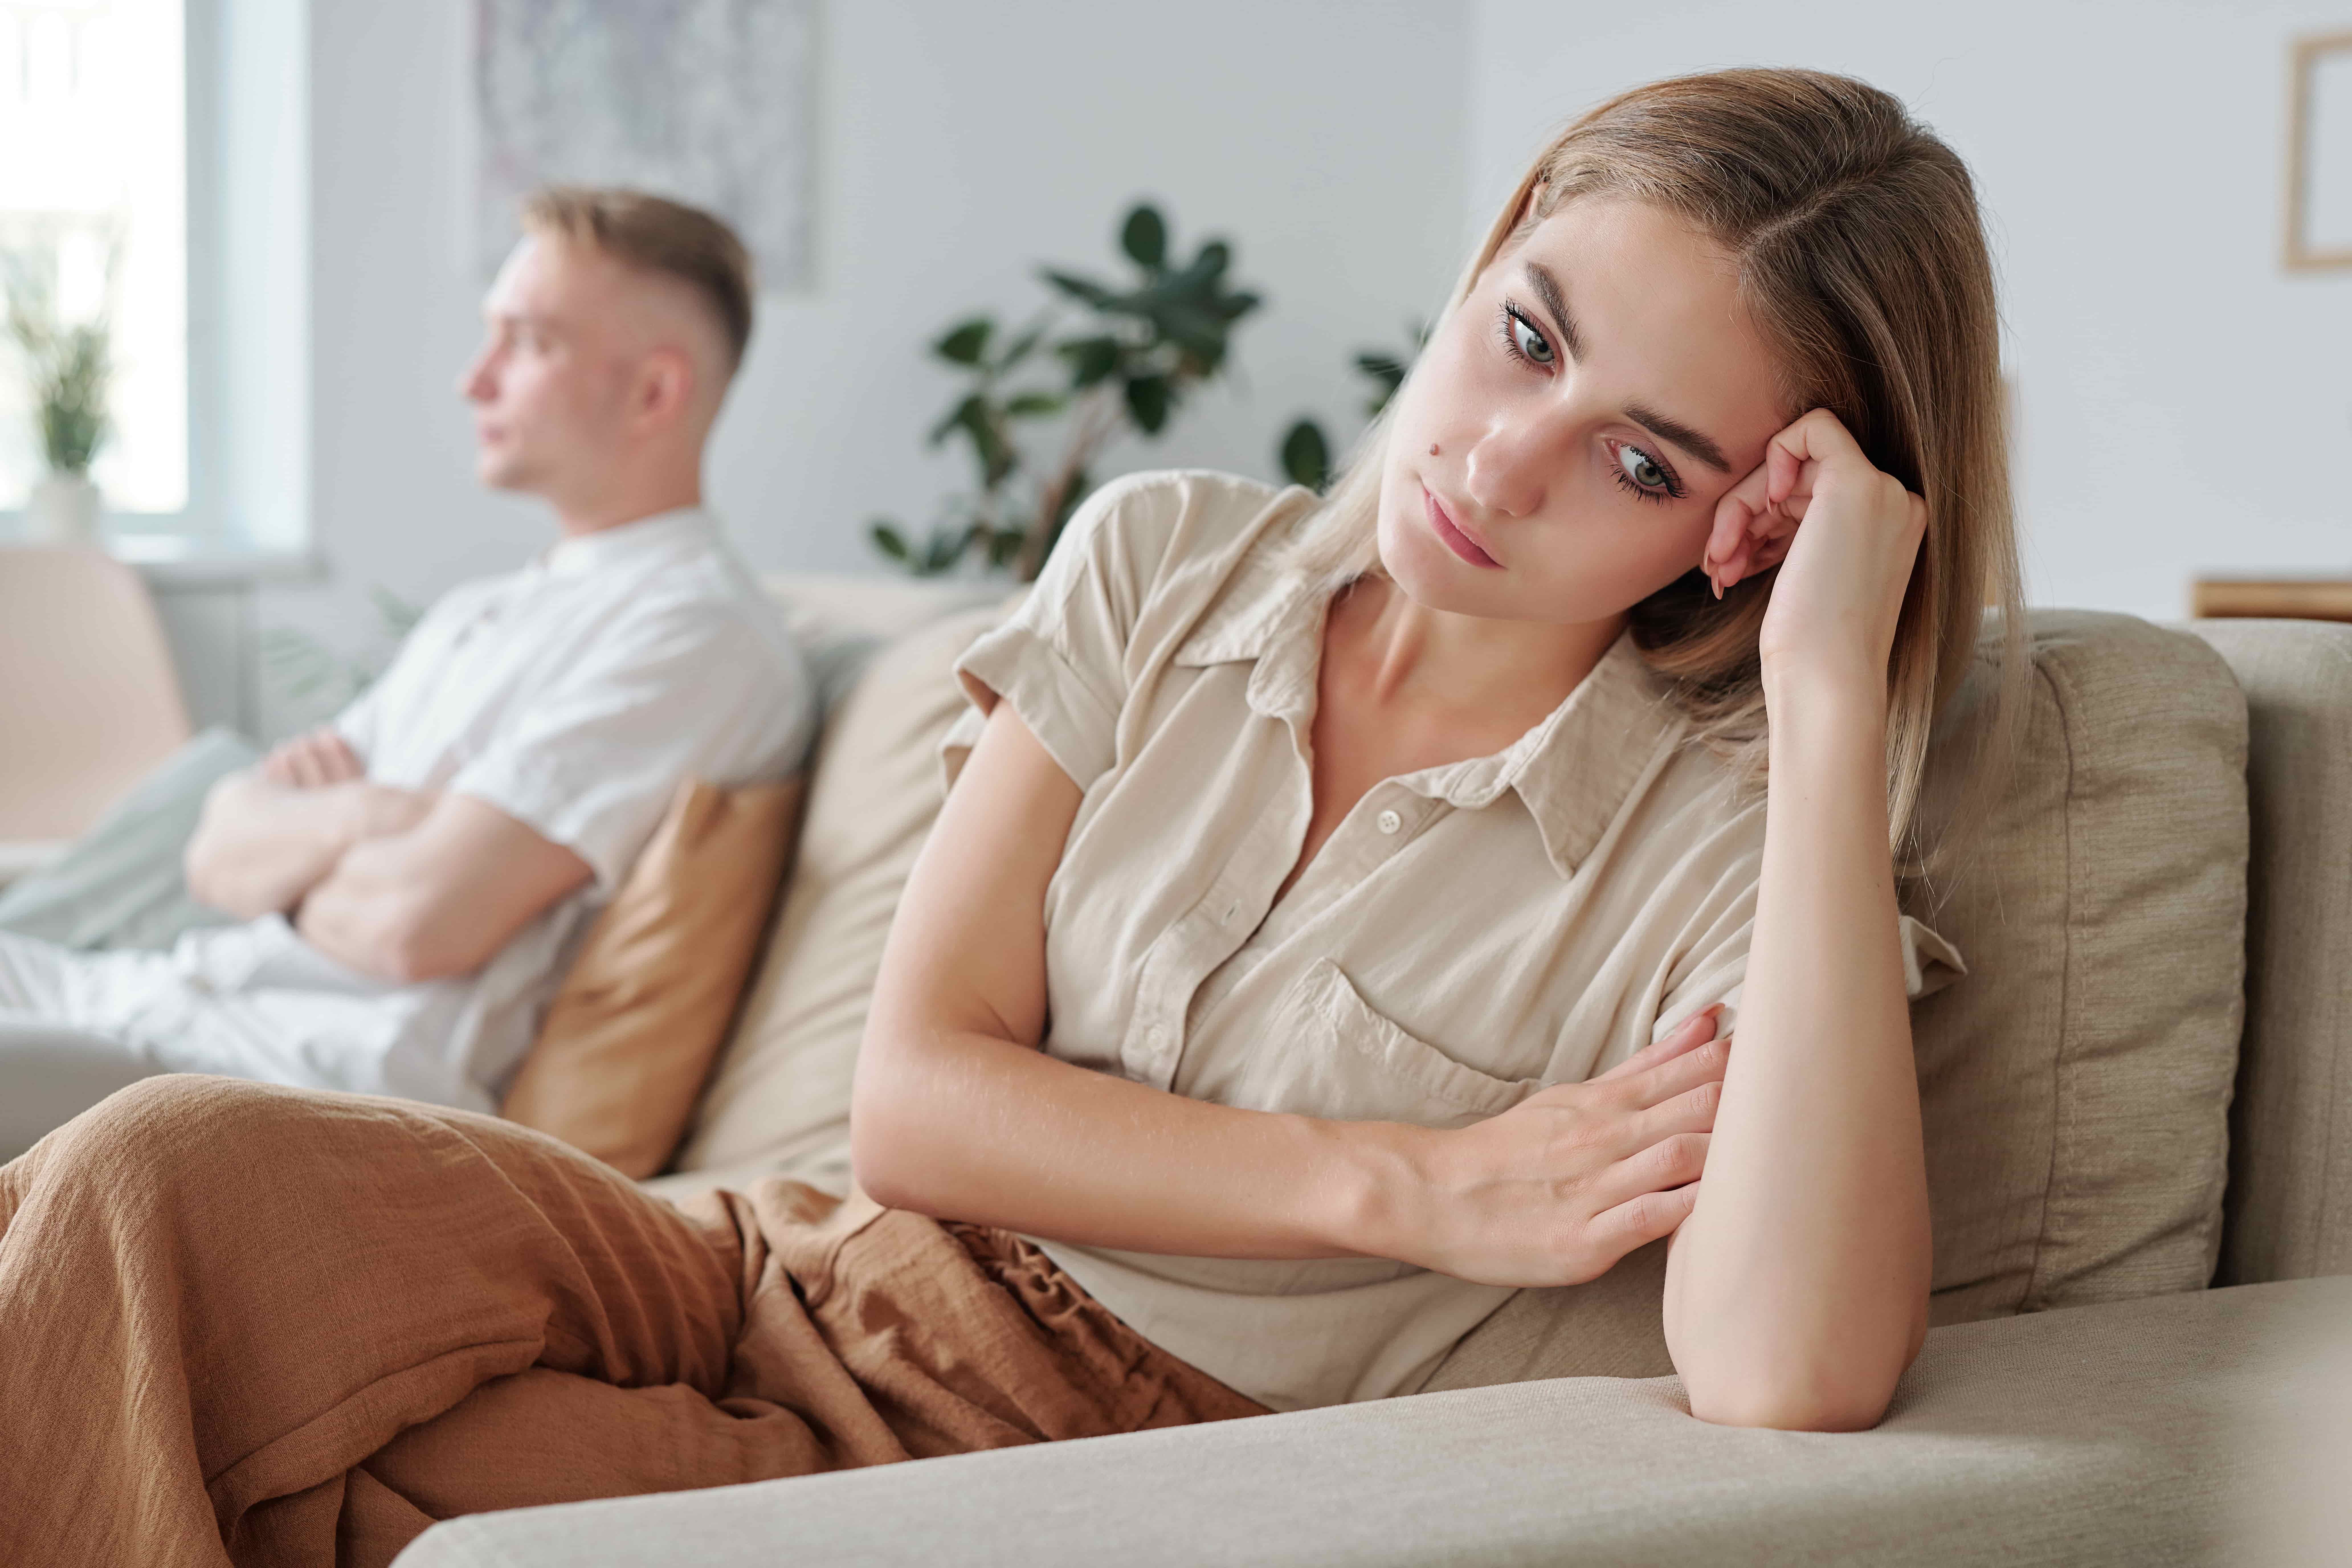 Отношения не имеют будущего - как это понять. Как сохранить отношения